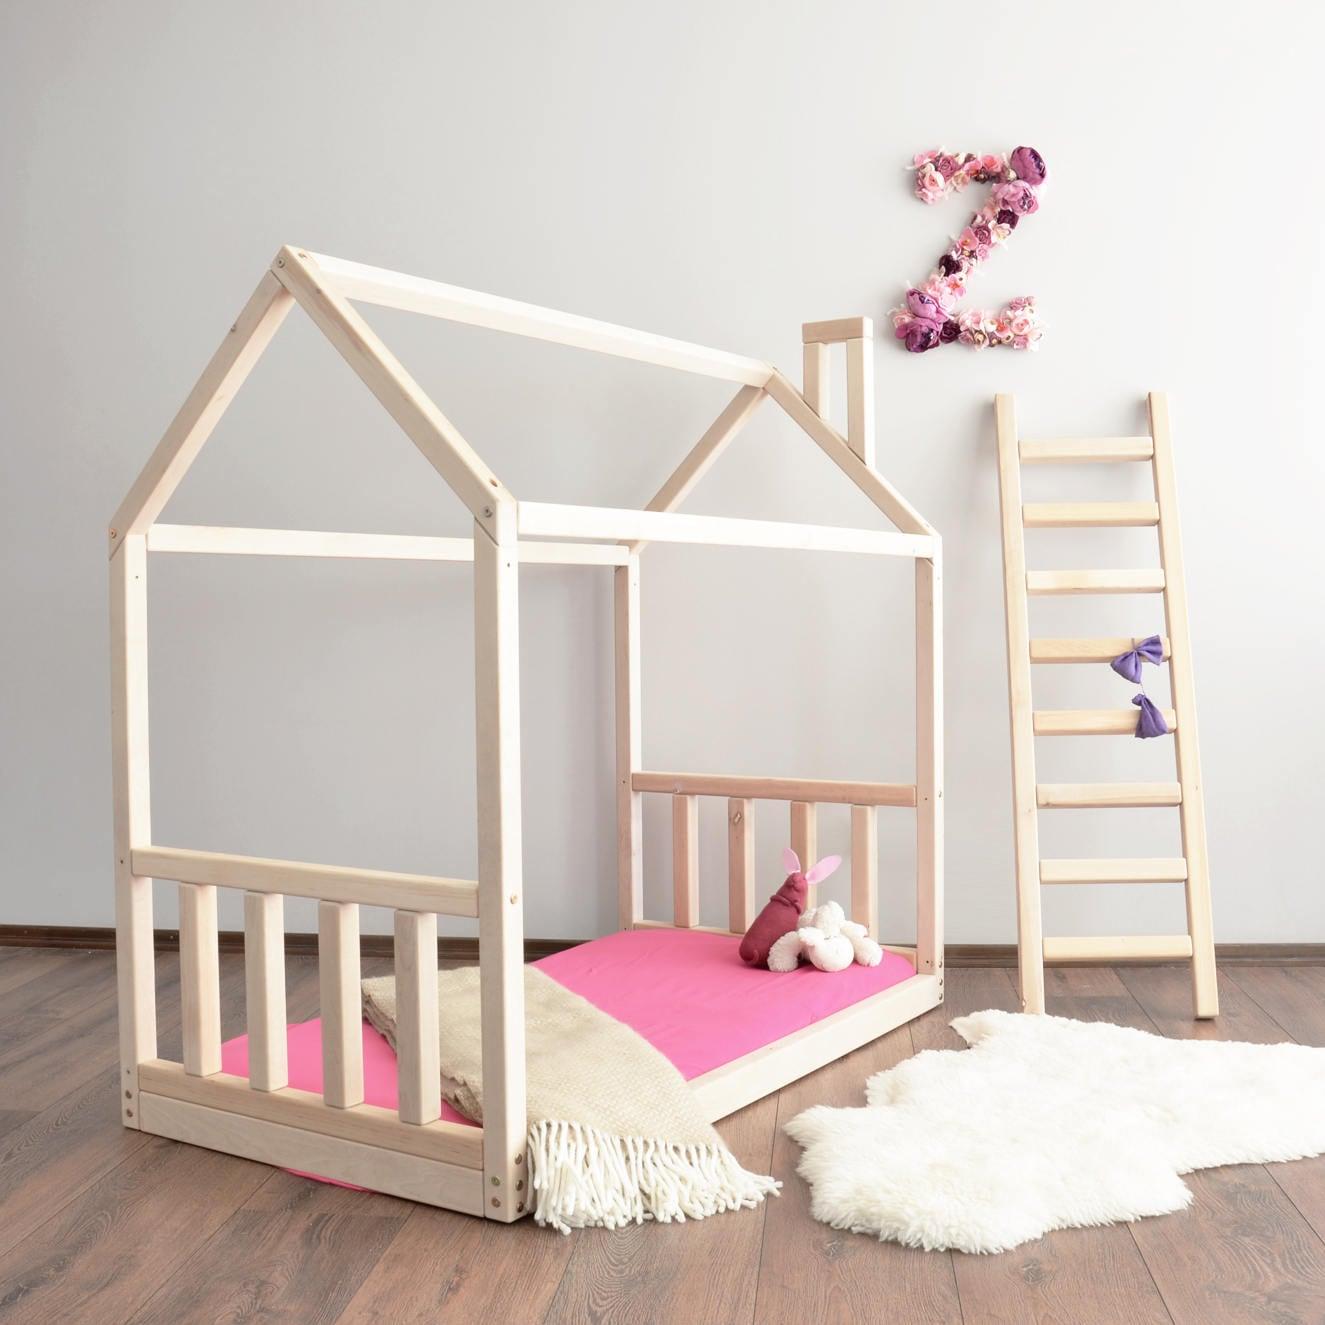 Haus Bettrahmen Kleinkind-Bett Montessori Babybett | Etsy